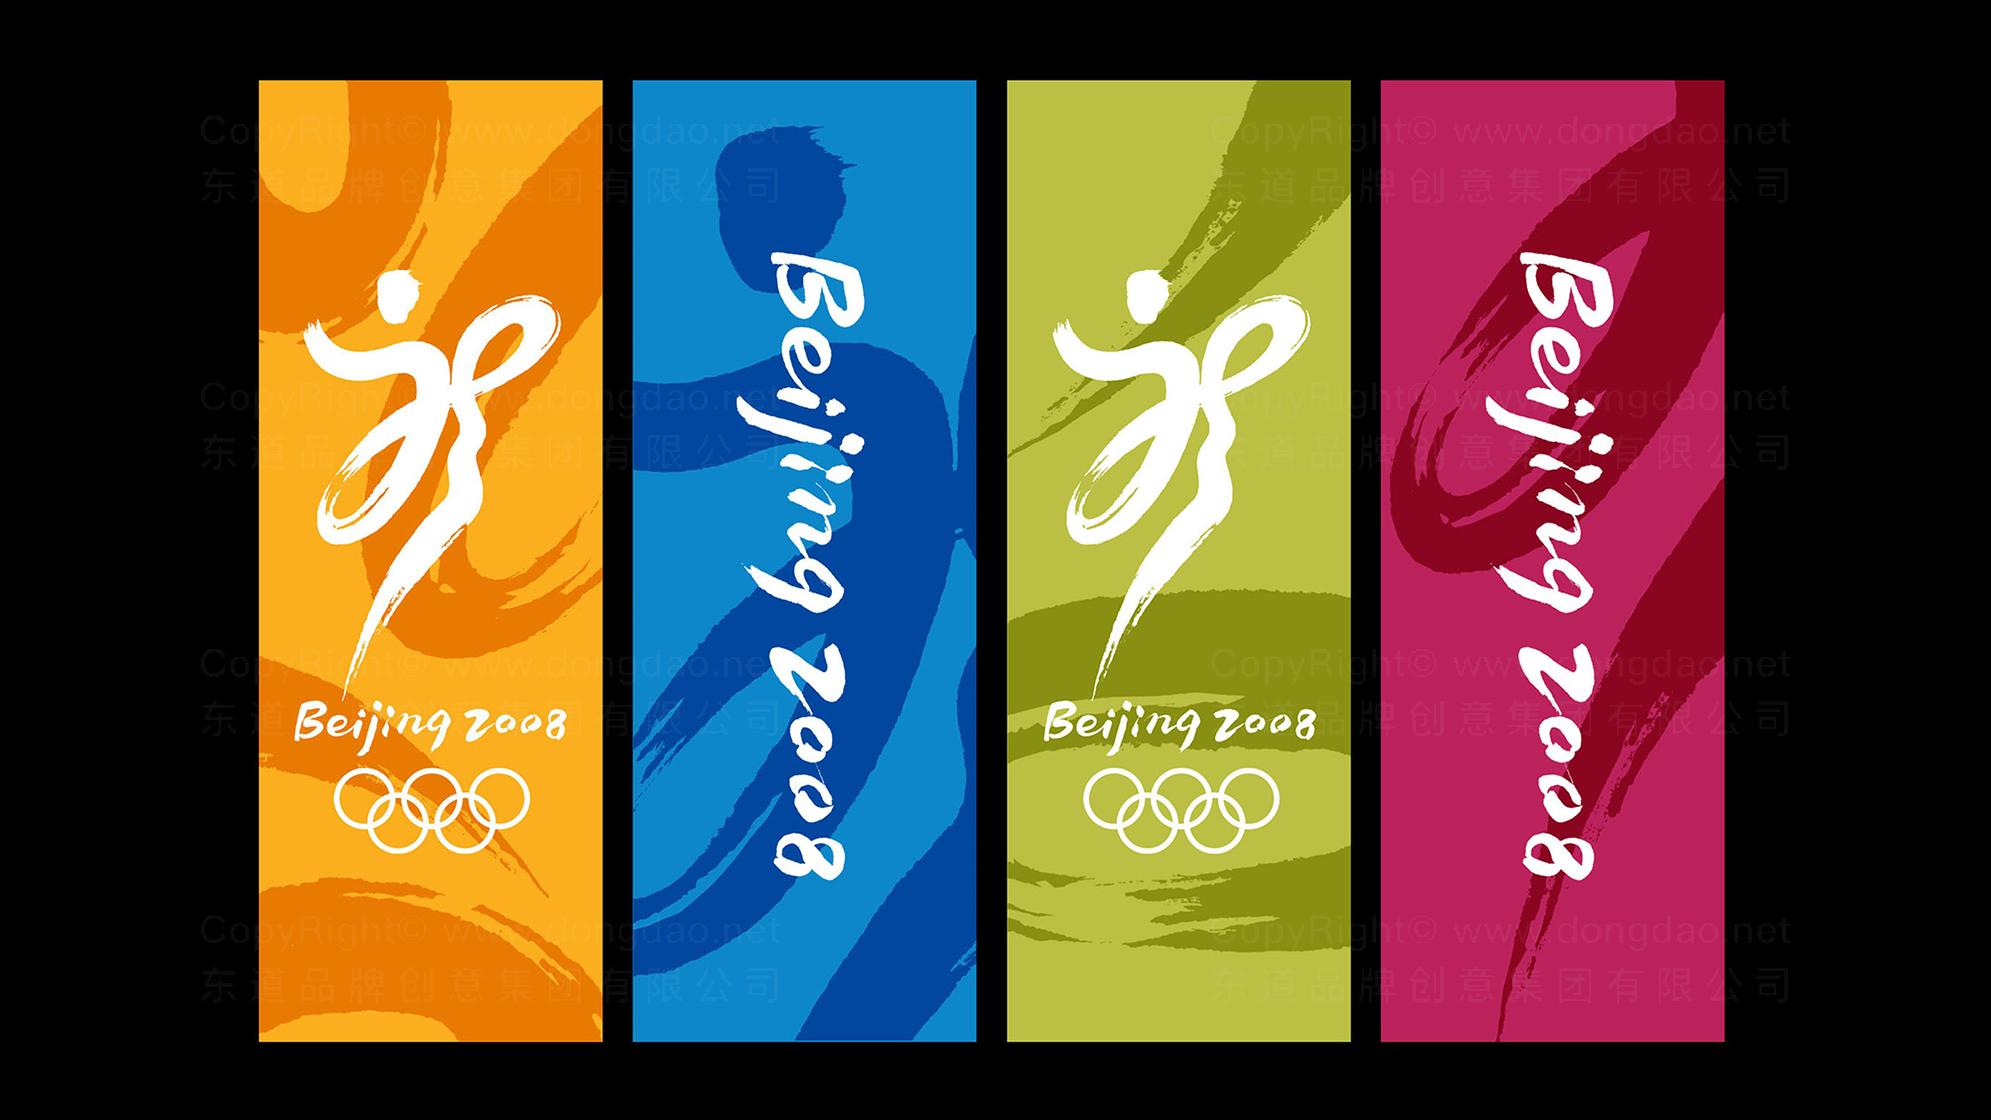 品牌设计北京2008奥运会会徽LOGO设计应用